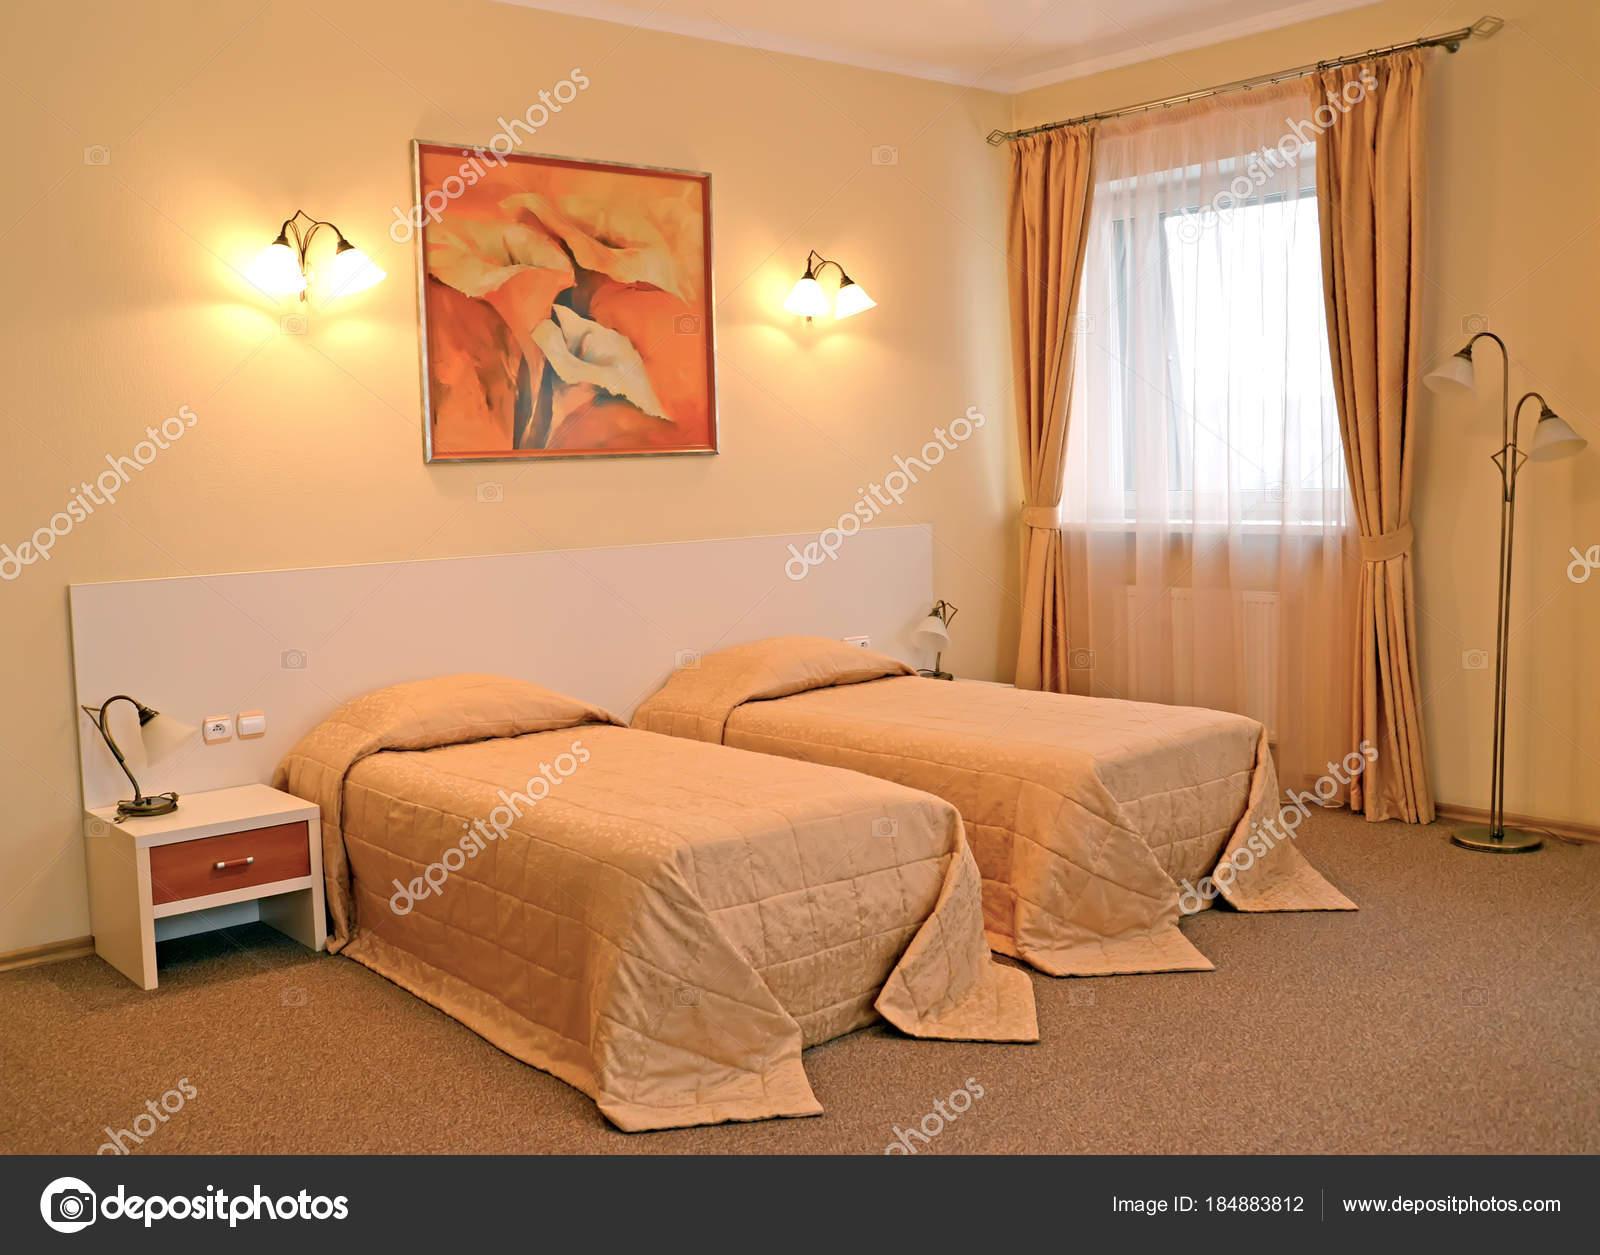 Un interiore di camera da letto con due letti in colori caldi — Foto ...